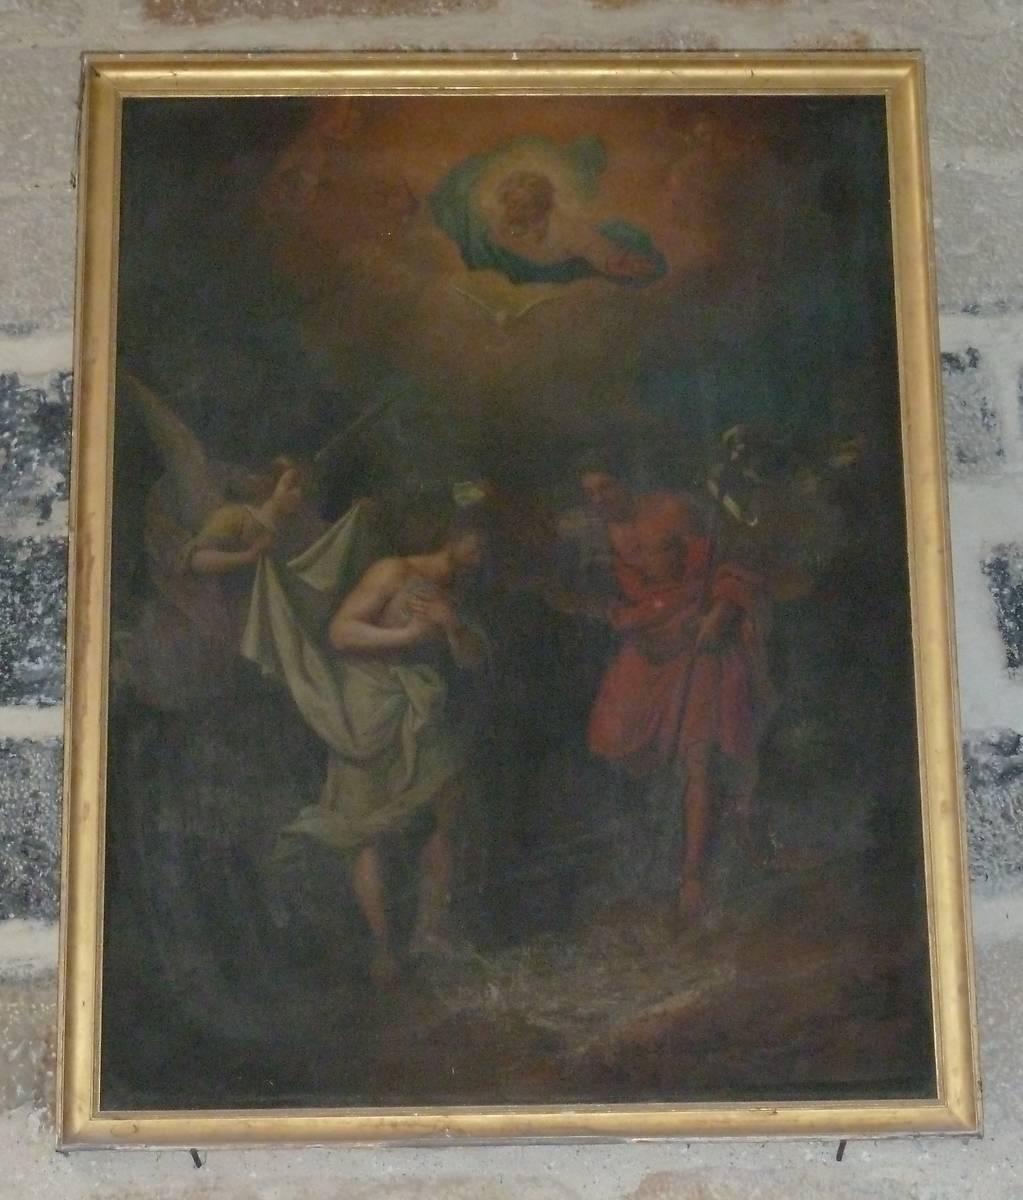 MOBILIER DE L'EGLISE SAINT-DIDIER DE BRUYERES LE CHATEL